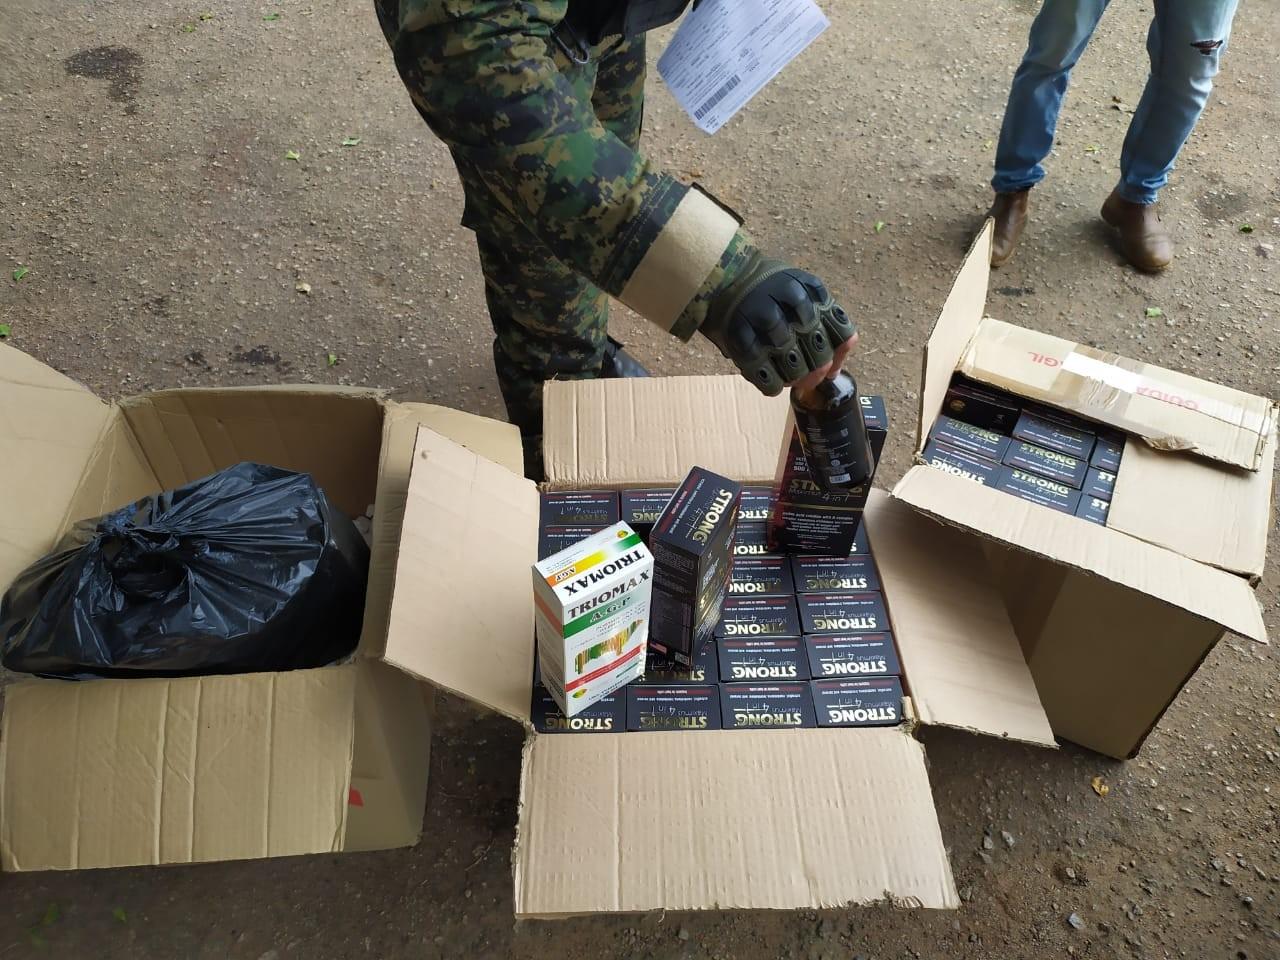 Taxistas é preso em rodovia no AC com caixas de anabolizantes  - Notícias - Plantão Diário